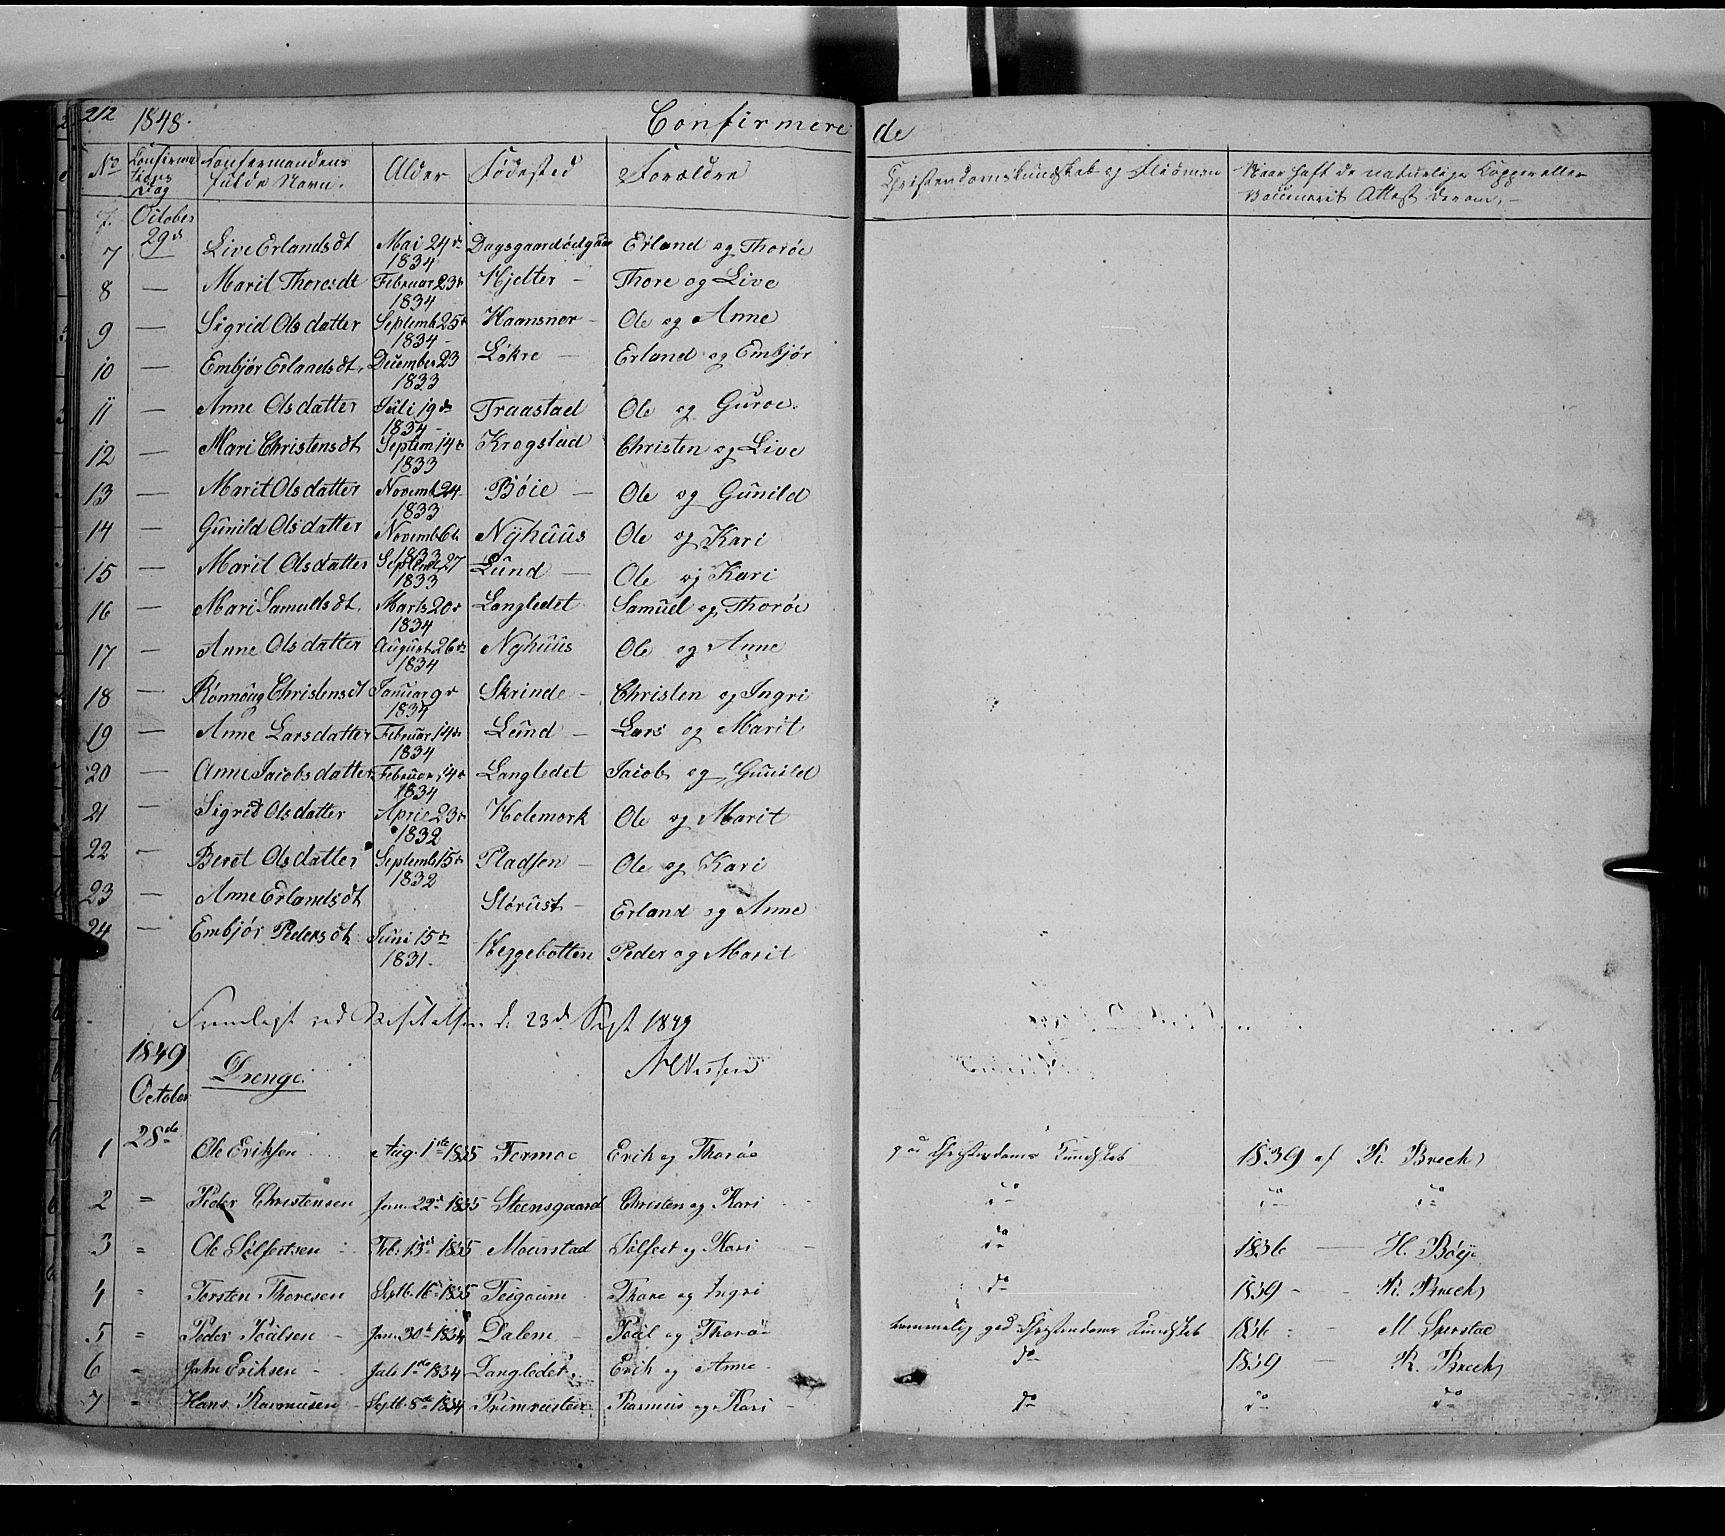 SAH, Lom prestekontor, L/L0004: Klokkerbok nr. 4, 1845-1864, s. 212-213